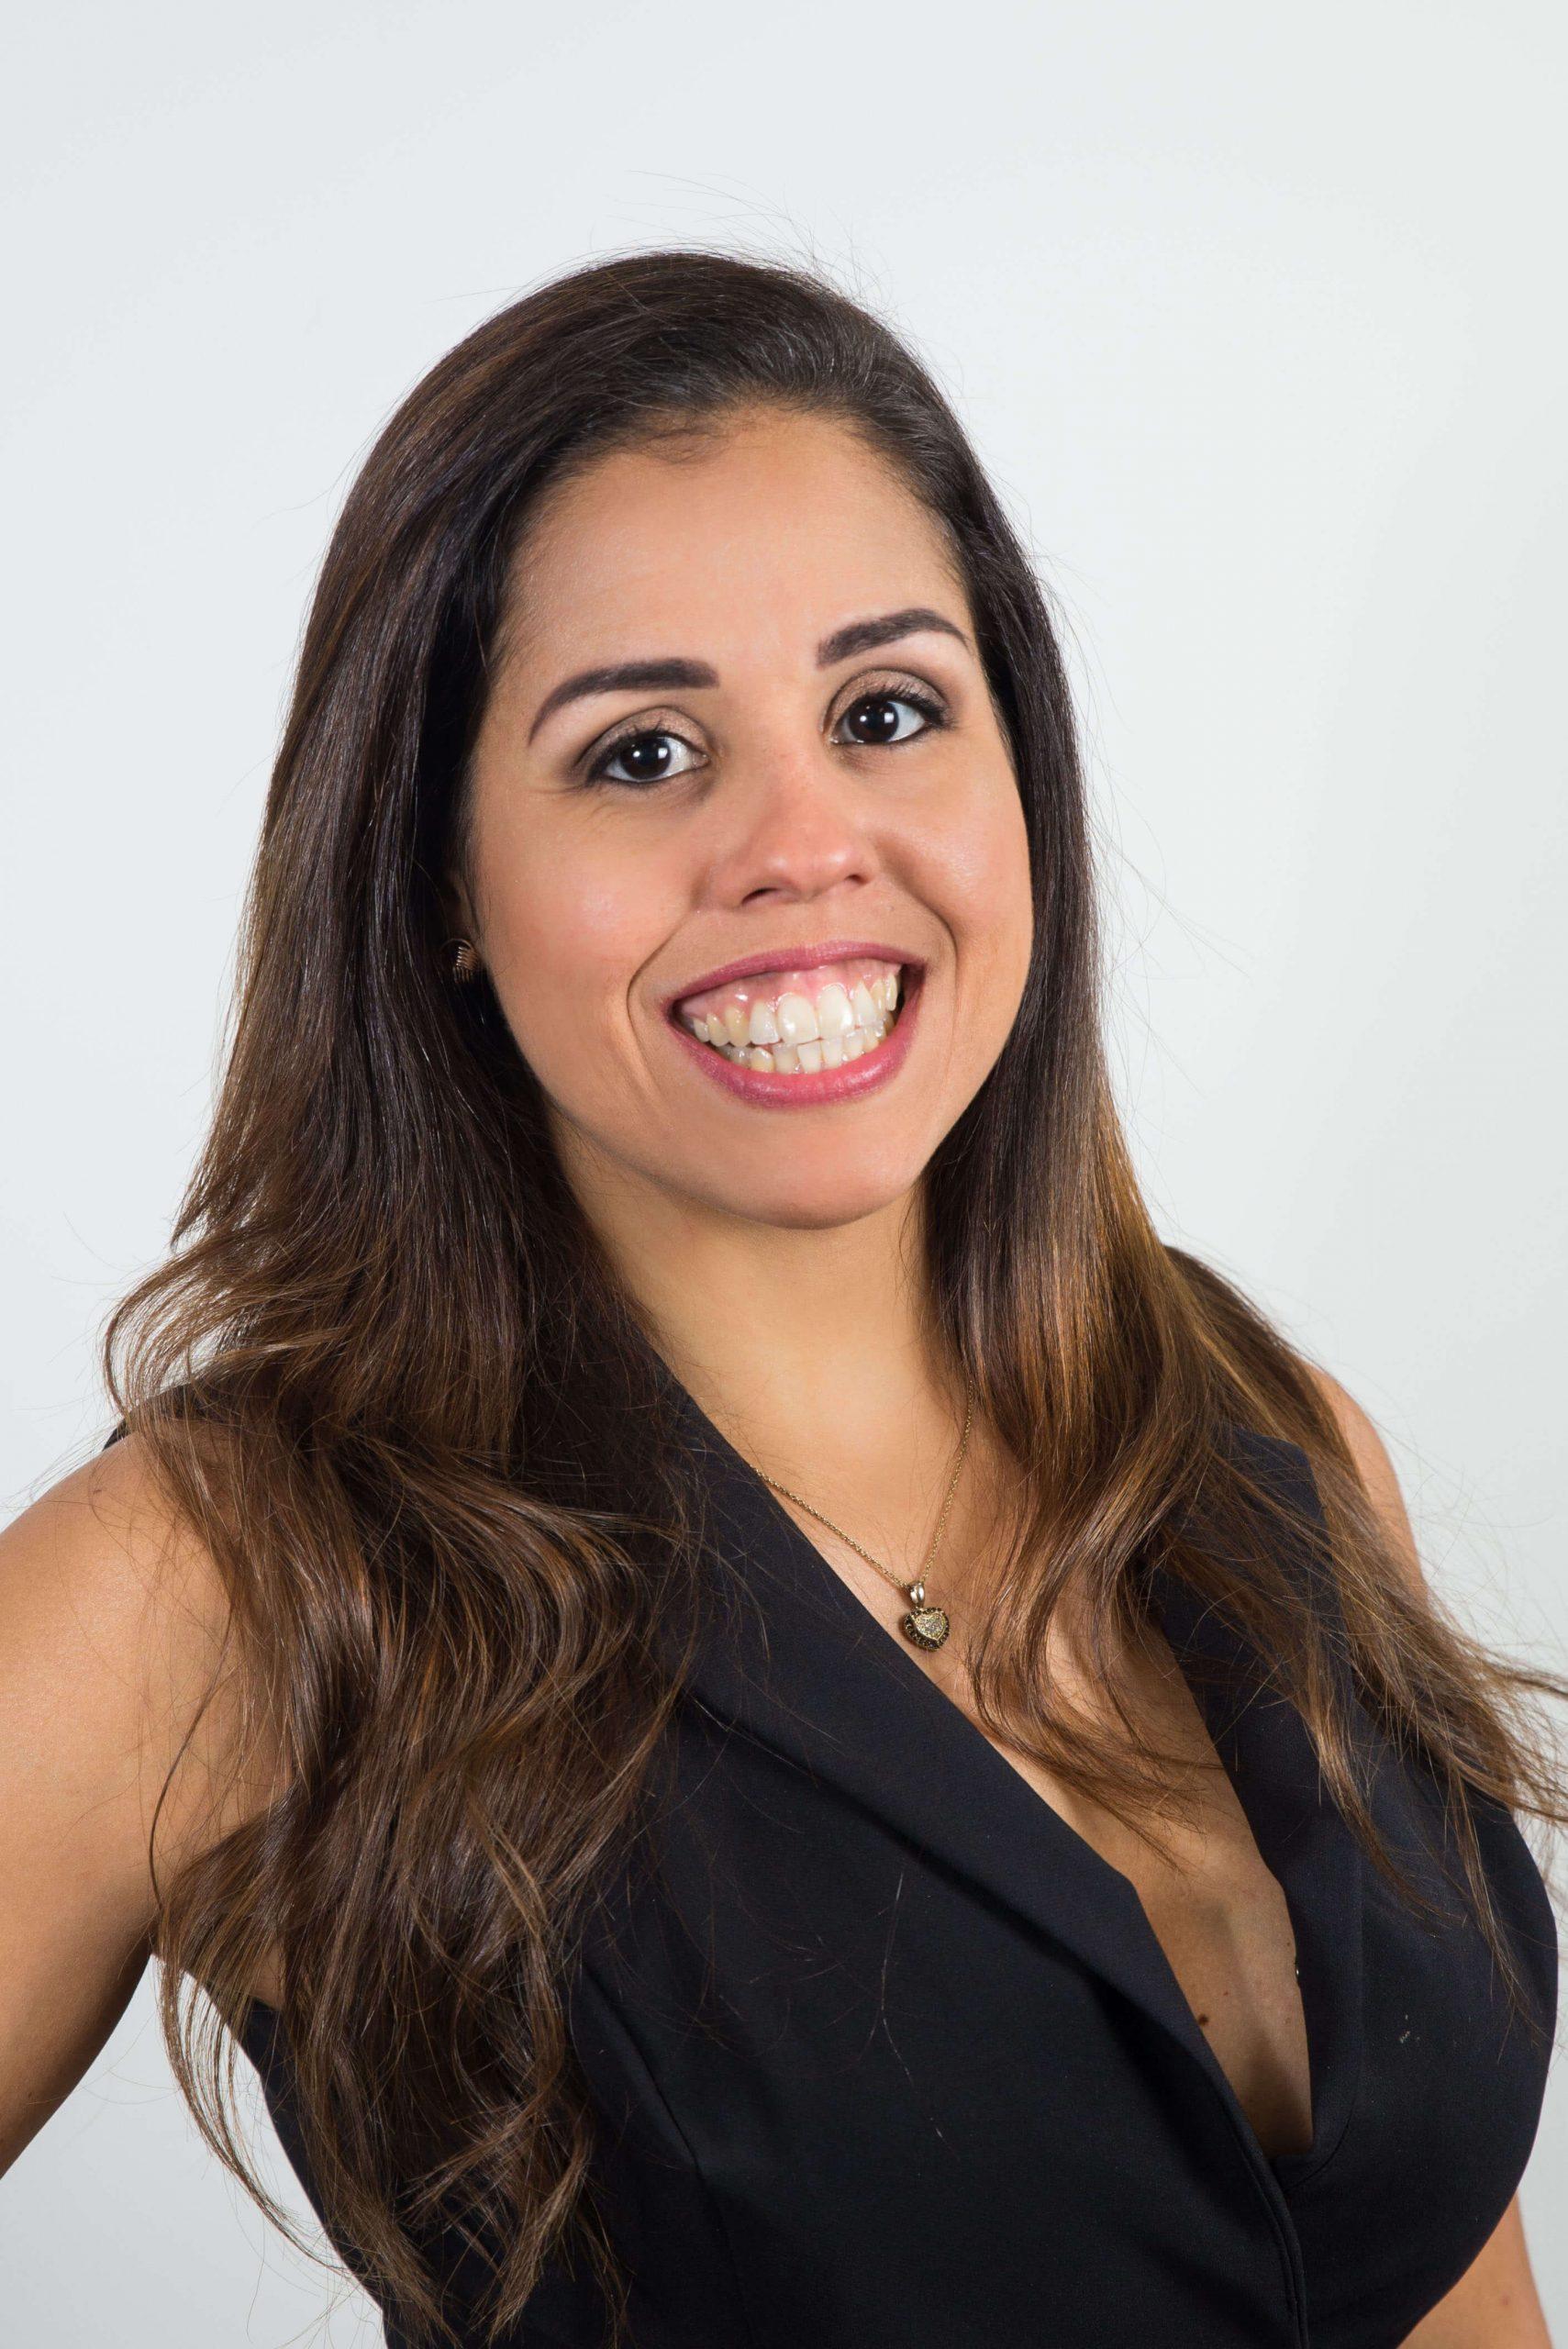 Priscilla Cerqueira